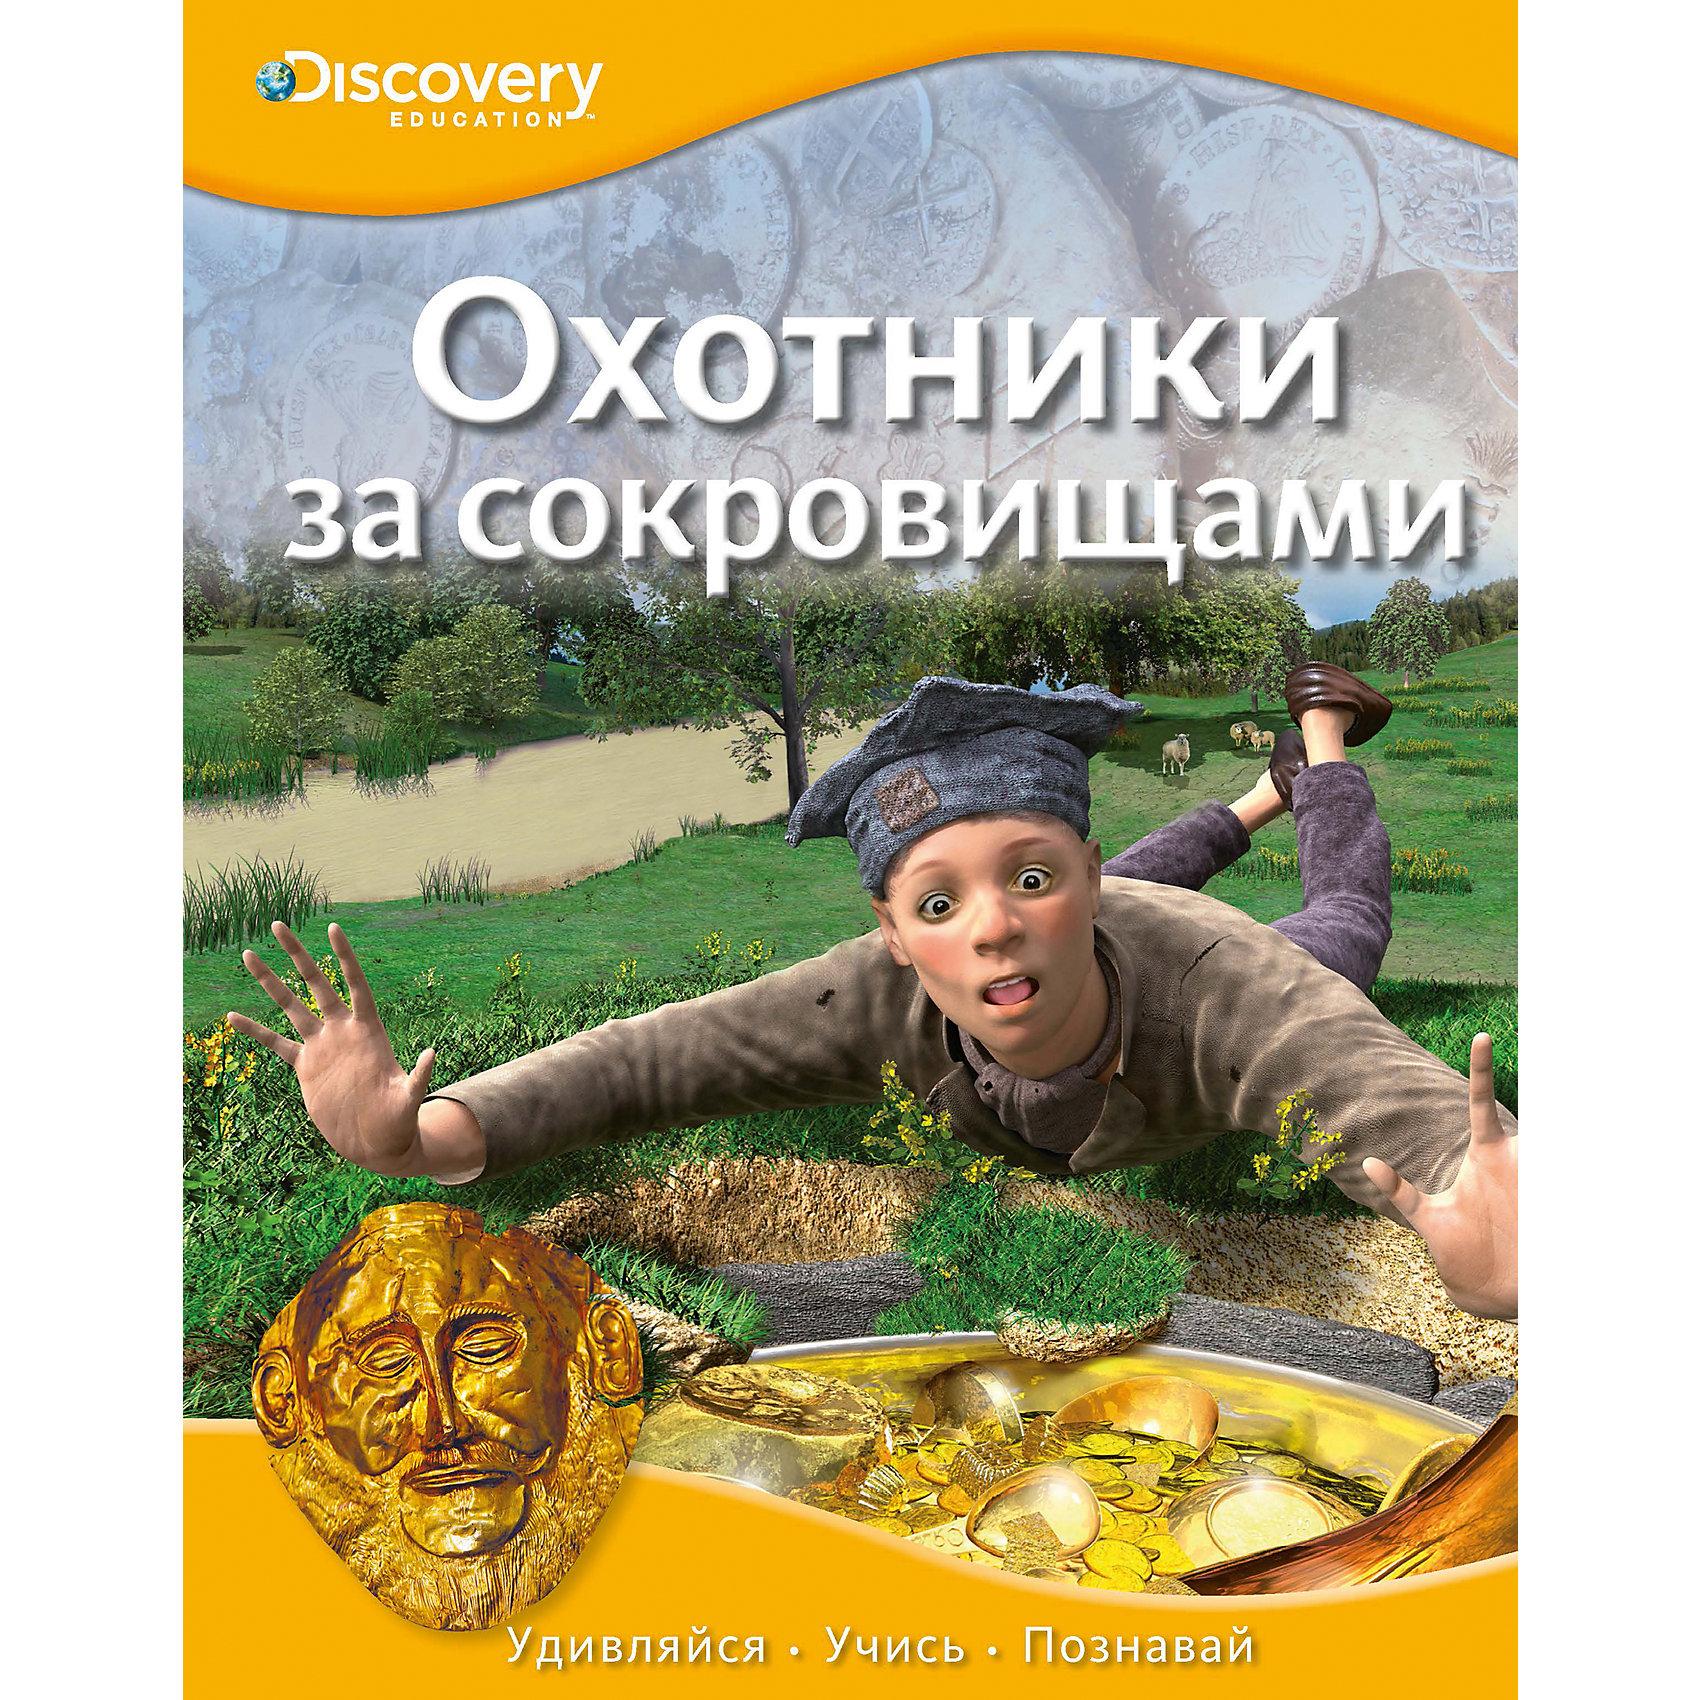 Охотники за сокровищами, Discovery Education